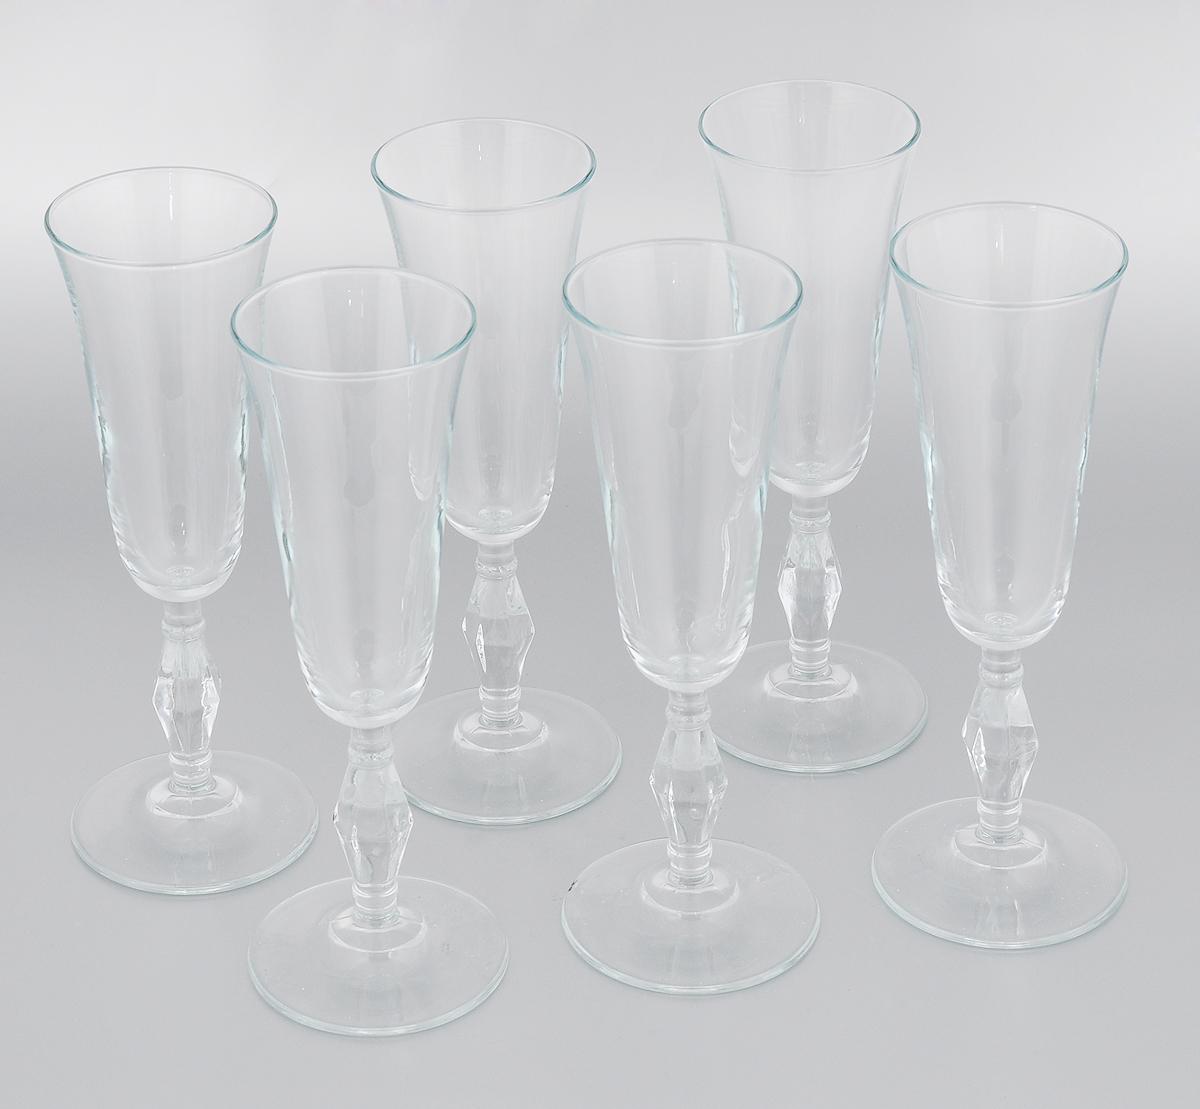 Набор бокалов Pasabahce Retro, 190 мл, 6 шт440075BНабор Pasabahce Retro состоит из шести бокалов,выполненных из прочного натрий-кальций- силикатного стекла. Бокалы предназначены дляподачи вина или других напитков. Они сочетают всебеэлегантный дизайн и функциональность.Набор бокалов Pasabahce Retro прекраснооформит праздничный стол и создаст приятнуюатмосферу за романтическим ужином. Такой набортакже станет хорошим подарком к любомуслучаю.Можно мыть в посудомоечной машине. Диаметр бокала (по верхнему краю): 6,5 см.Высота бокала: 21,5 см.